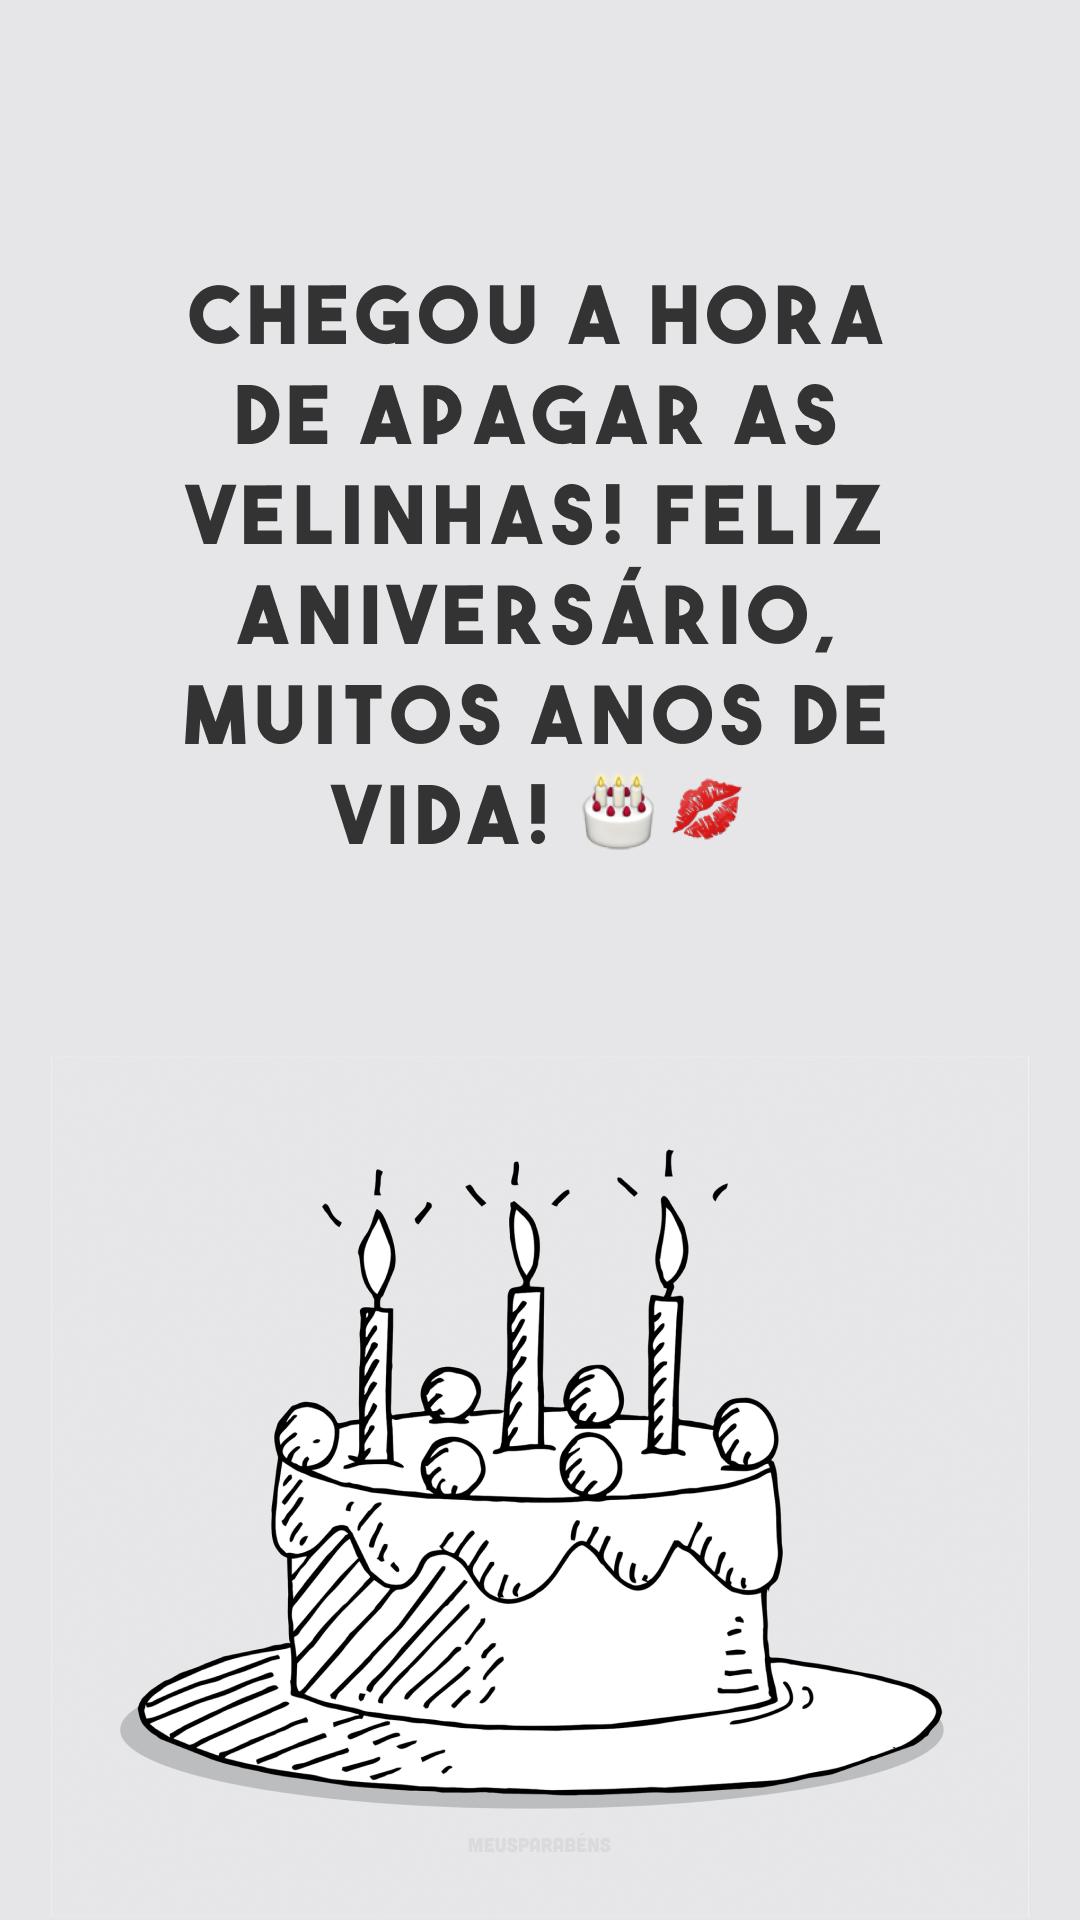 Chegou a hora de apagar as velinhas! Feliz aniversário, muitos anos de vida! 🎂💋